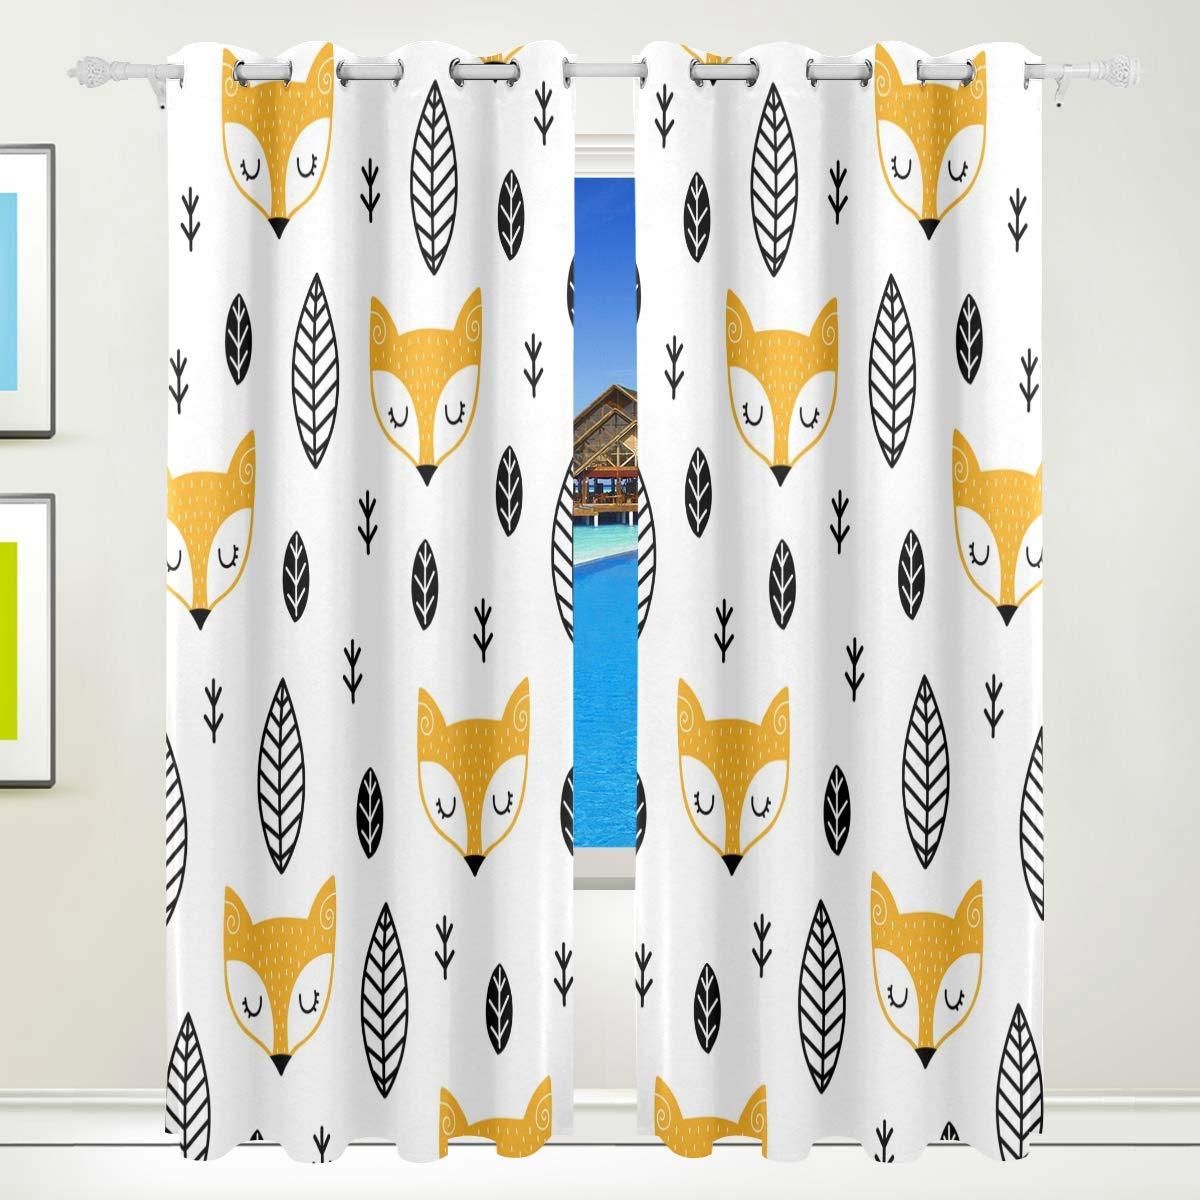 Orediy Verdunklungsvorhänge, 2 Paneele, Motiv Fuchs mit Blätter, Polyester, wärmeisolierend, für Schlafzimmer, Wohnzimmer, Büro, Fenster, Ösenvorhänge, Home Decor 140 x 213,4 cm (B x H)